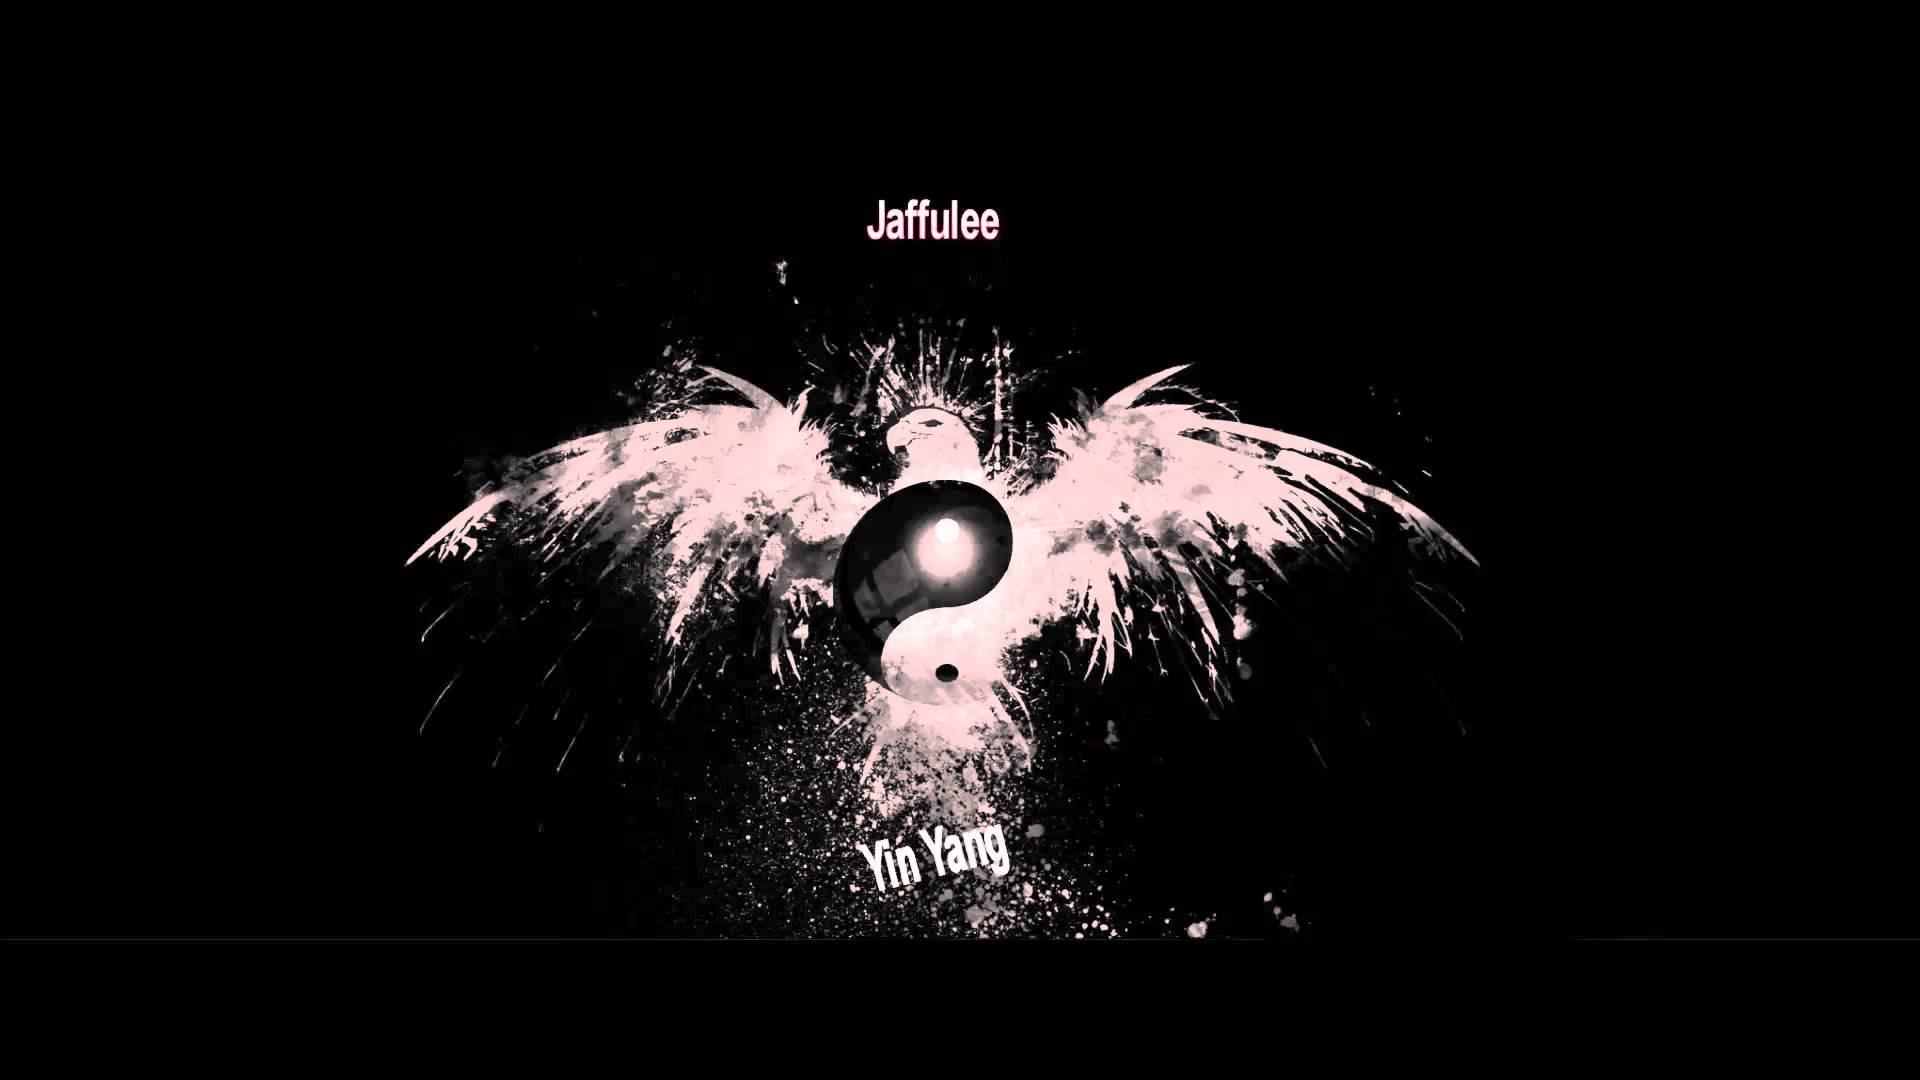 Jaffulee – Yin Yang [DUBSTEP][HD 1080p]